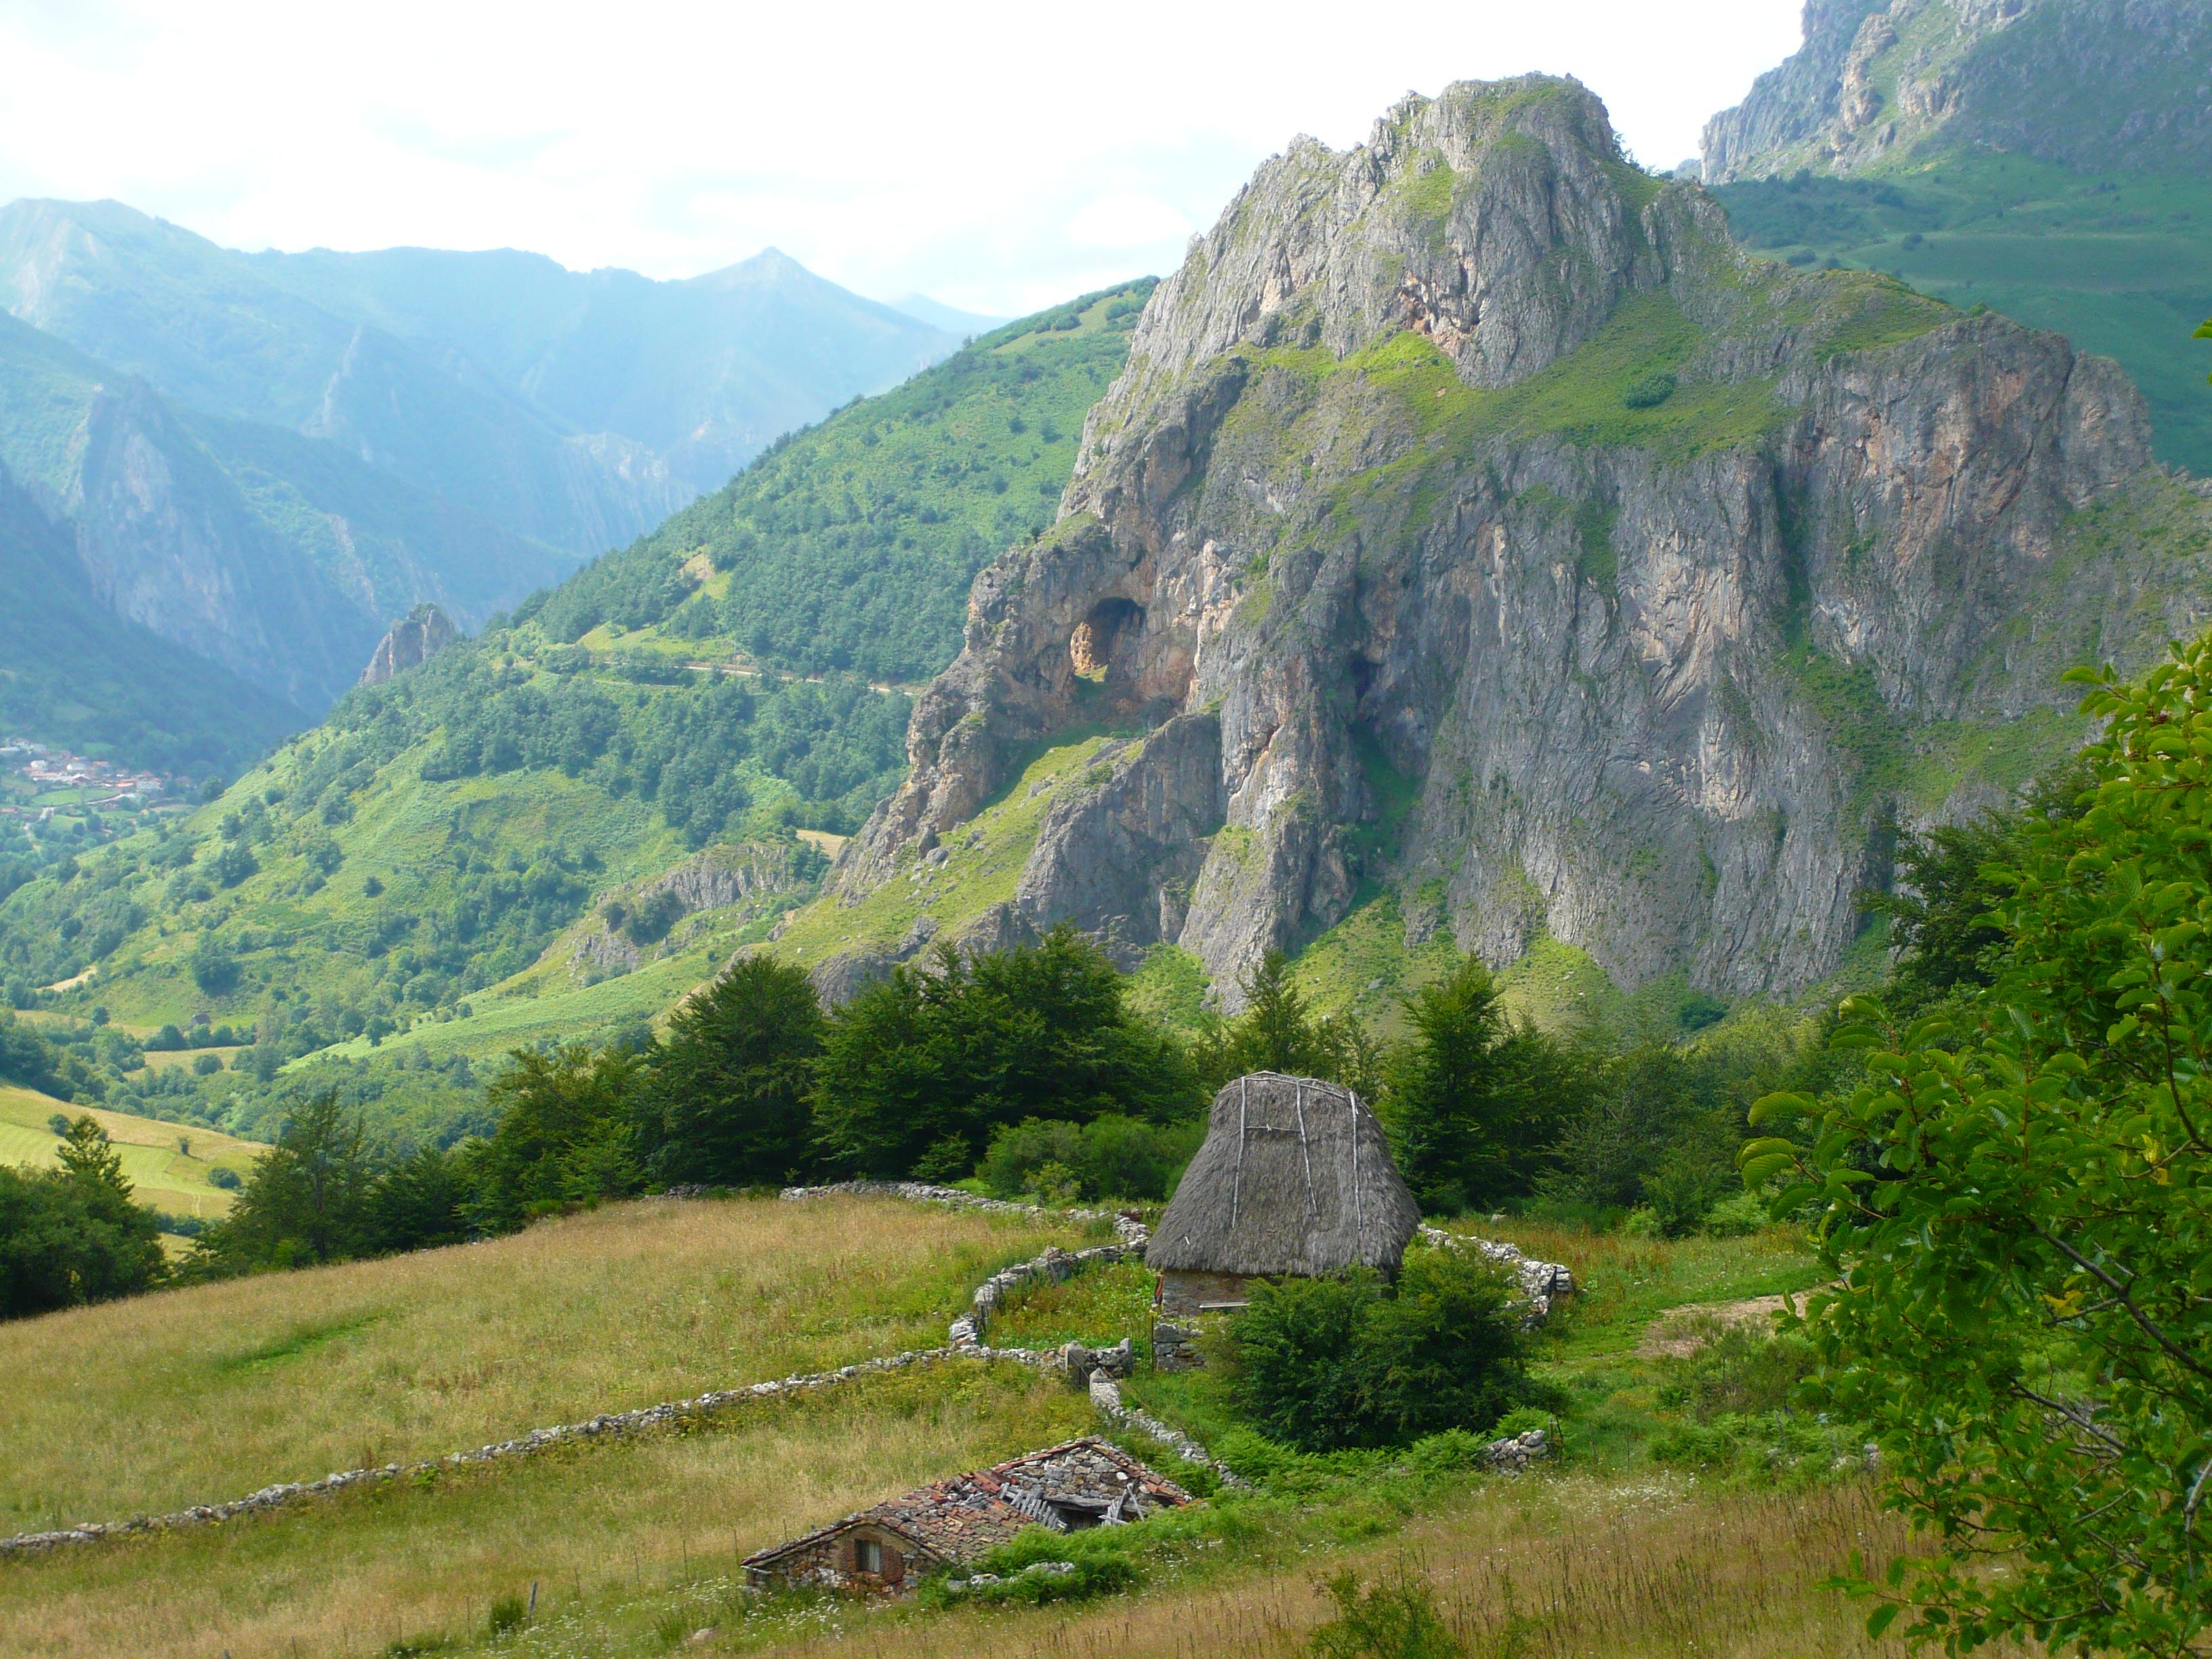 Cabana de Teito con la Peña Furada al fondo - Cómo es el Parque Natural de Somiedo